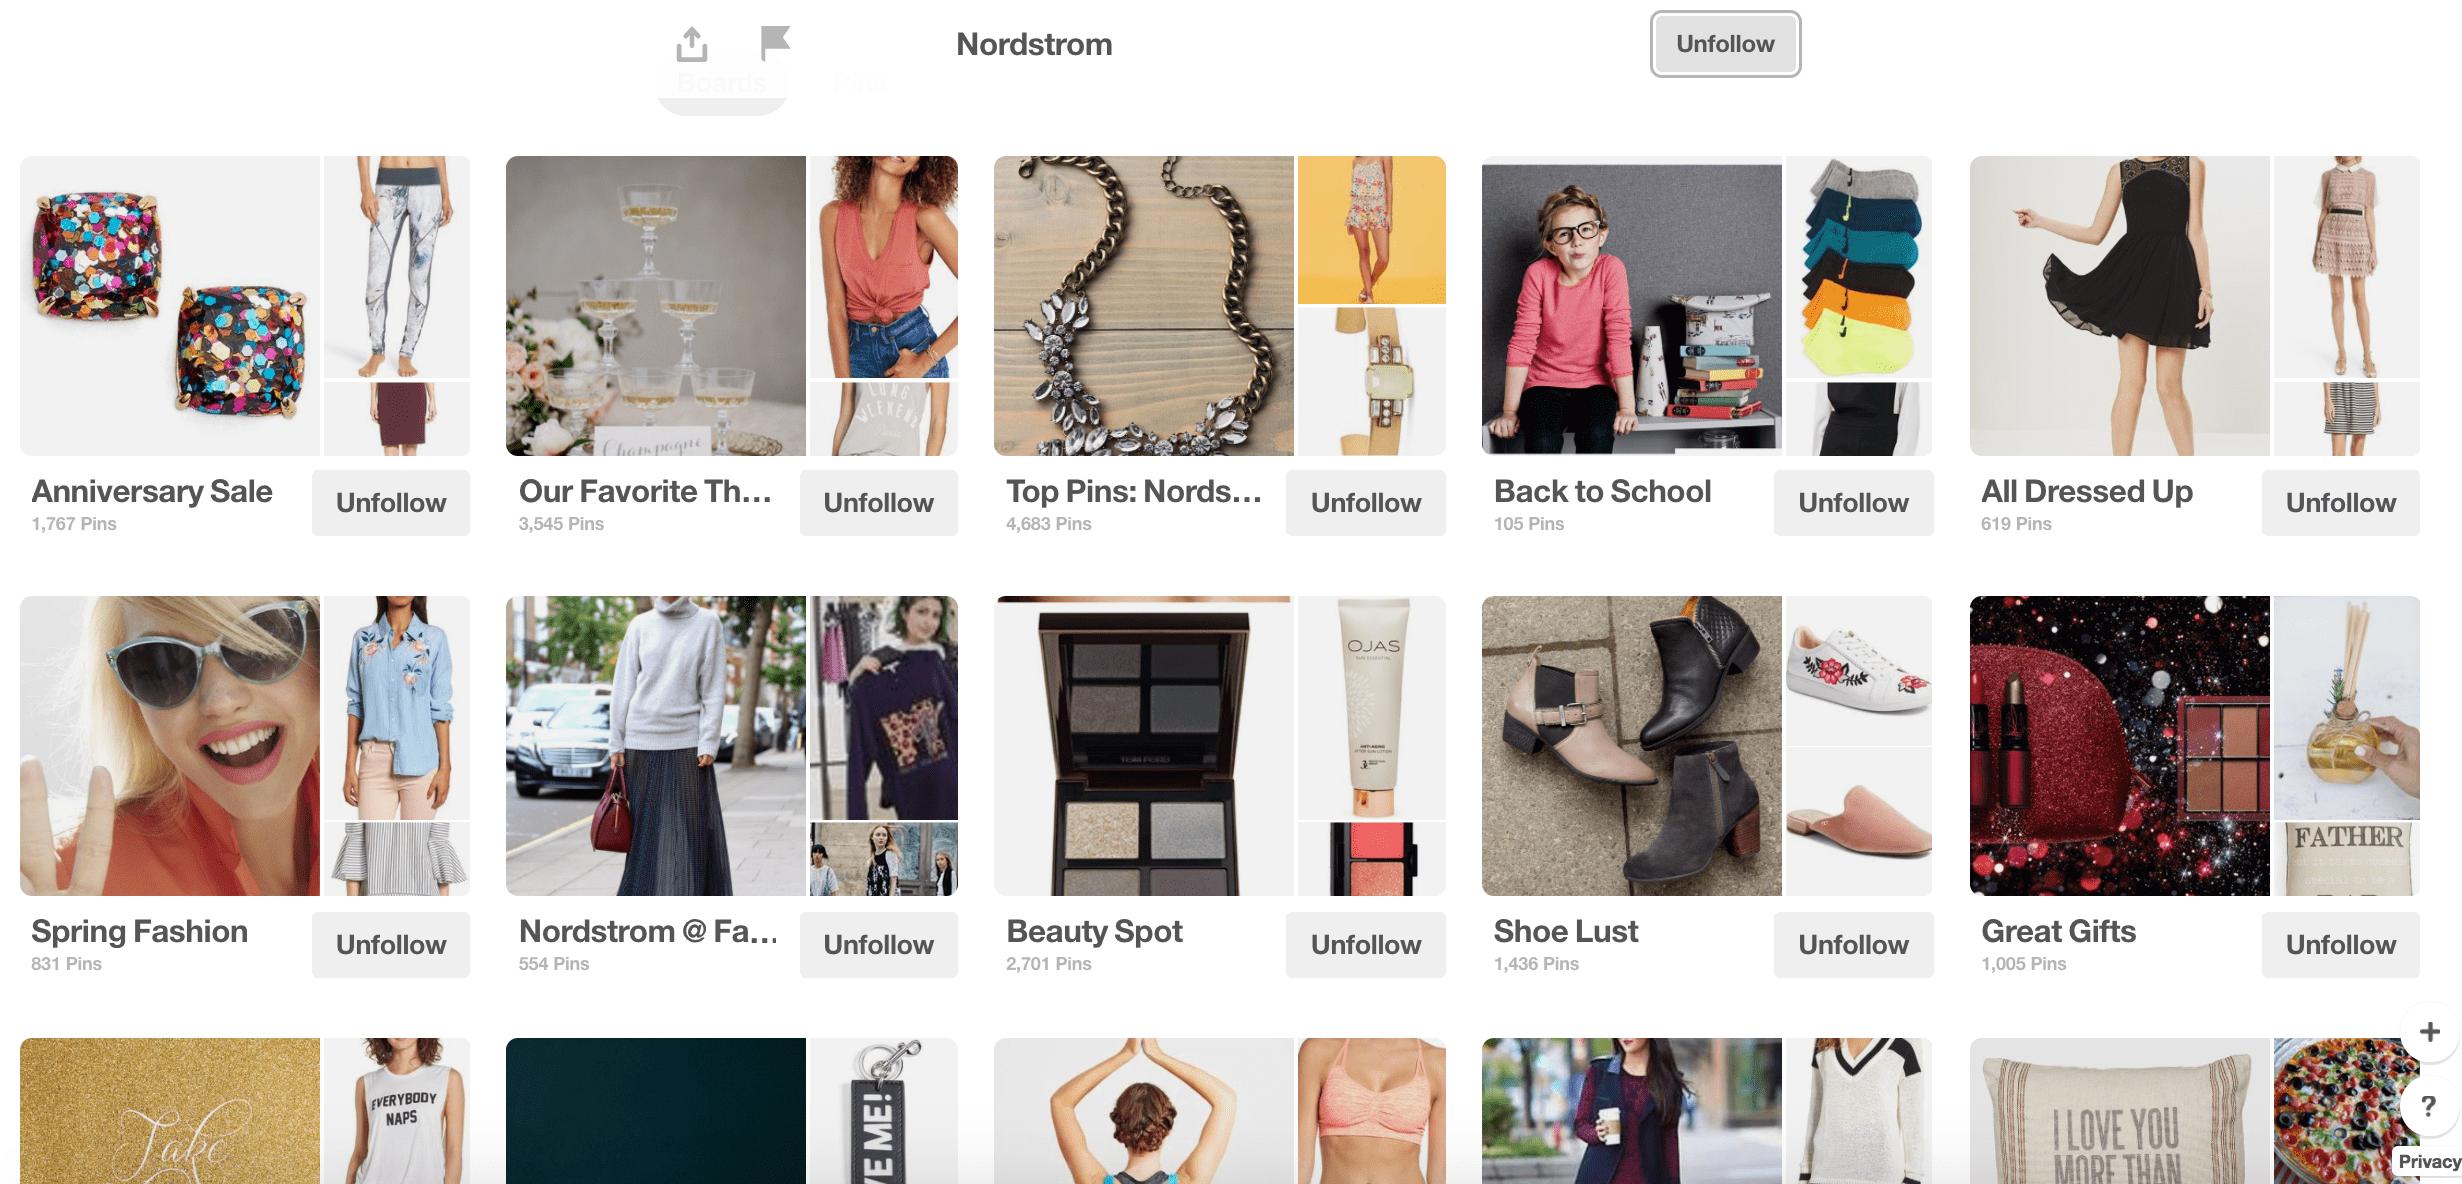 Nordstrom Pinterest